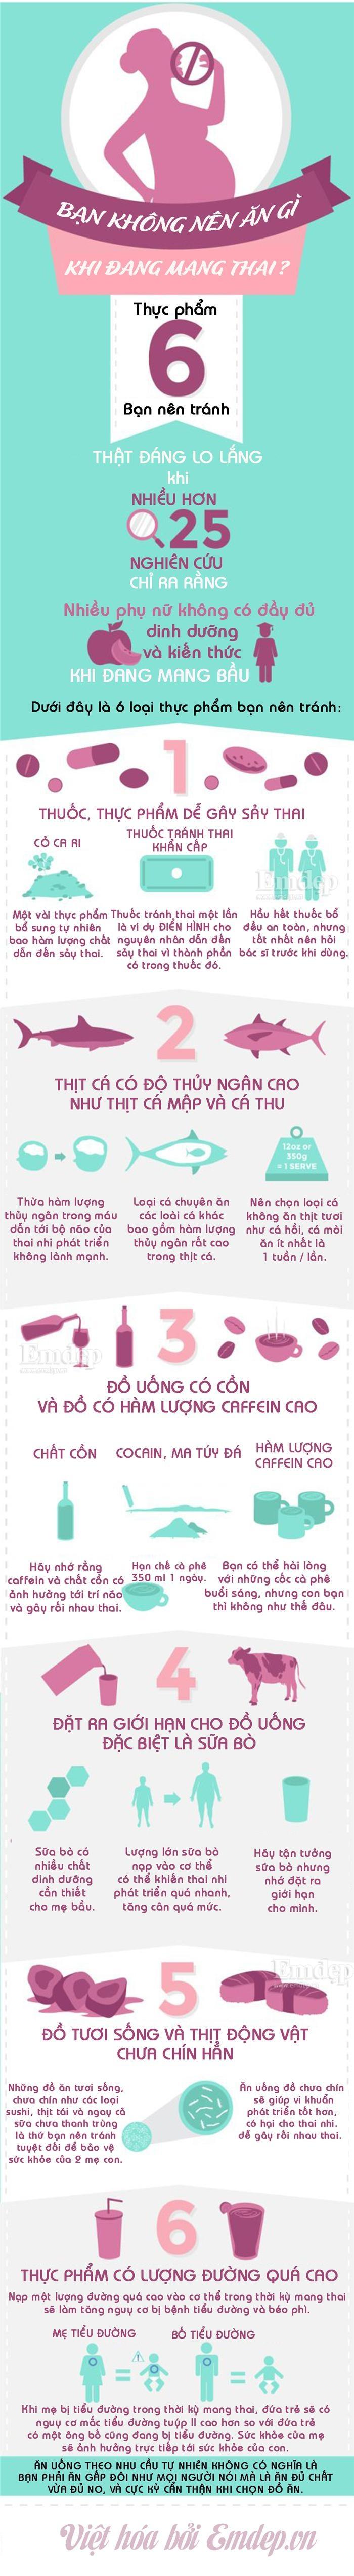 6 loại đồ ăn không dành cho bà bầu